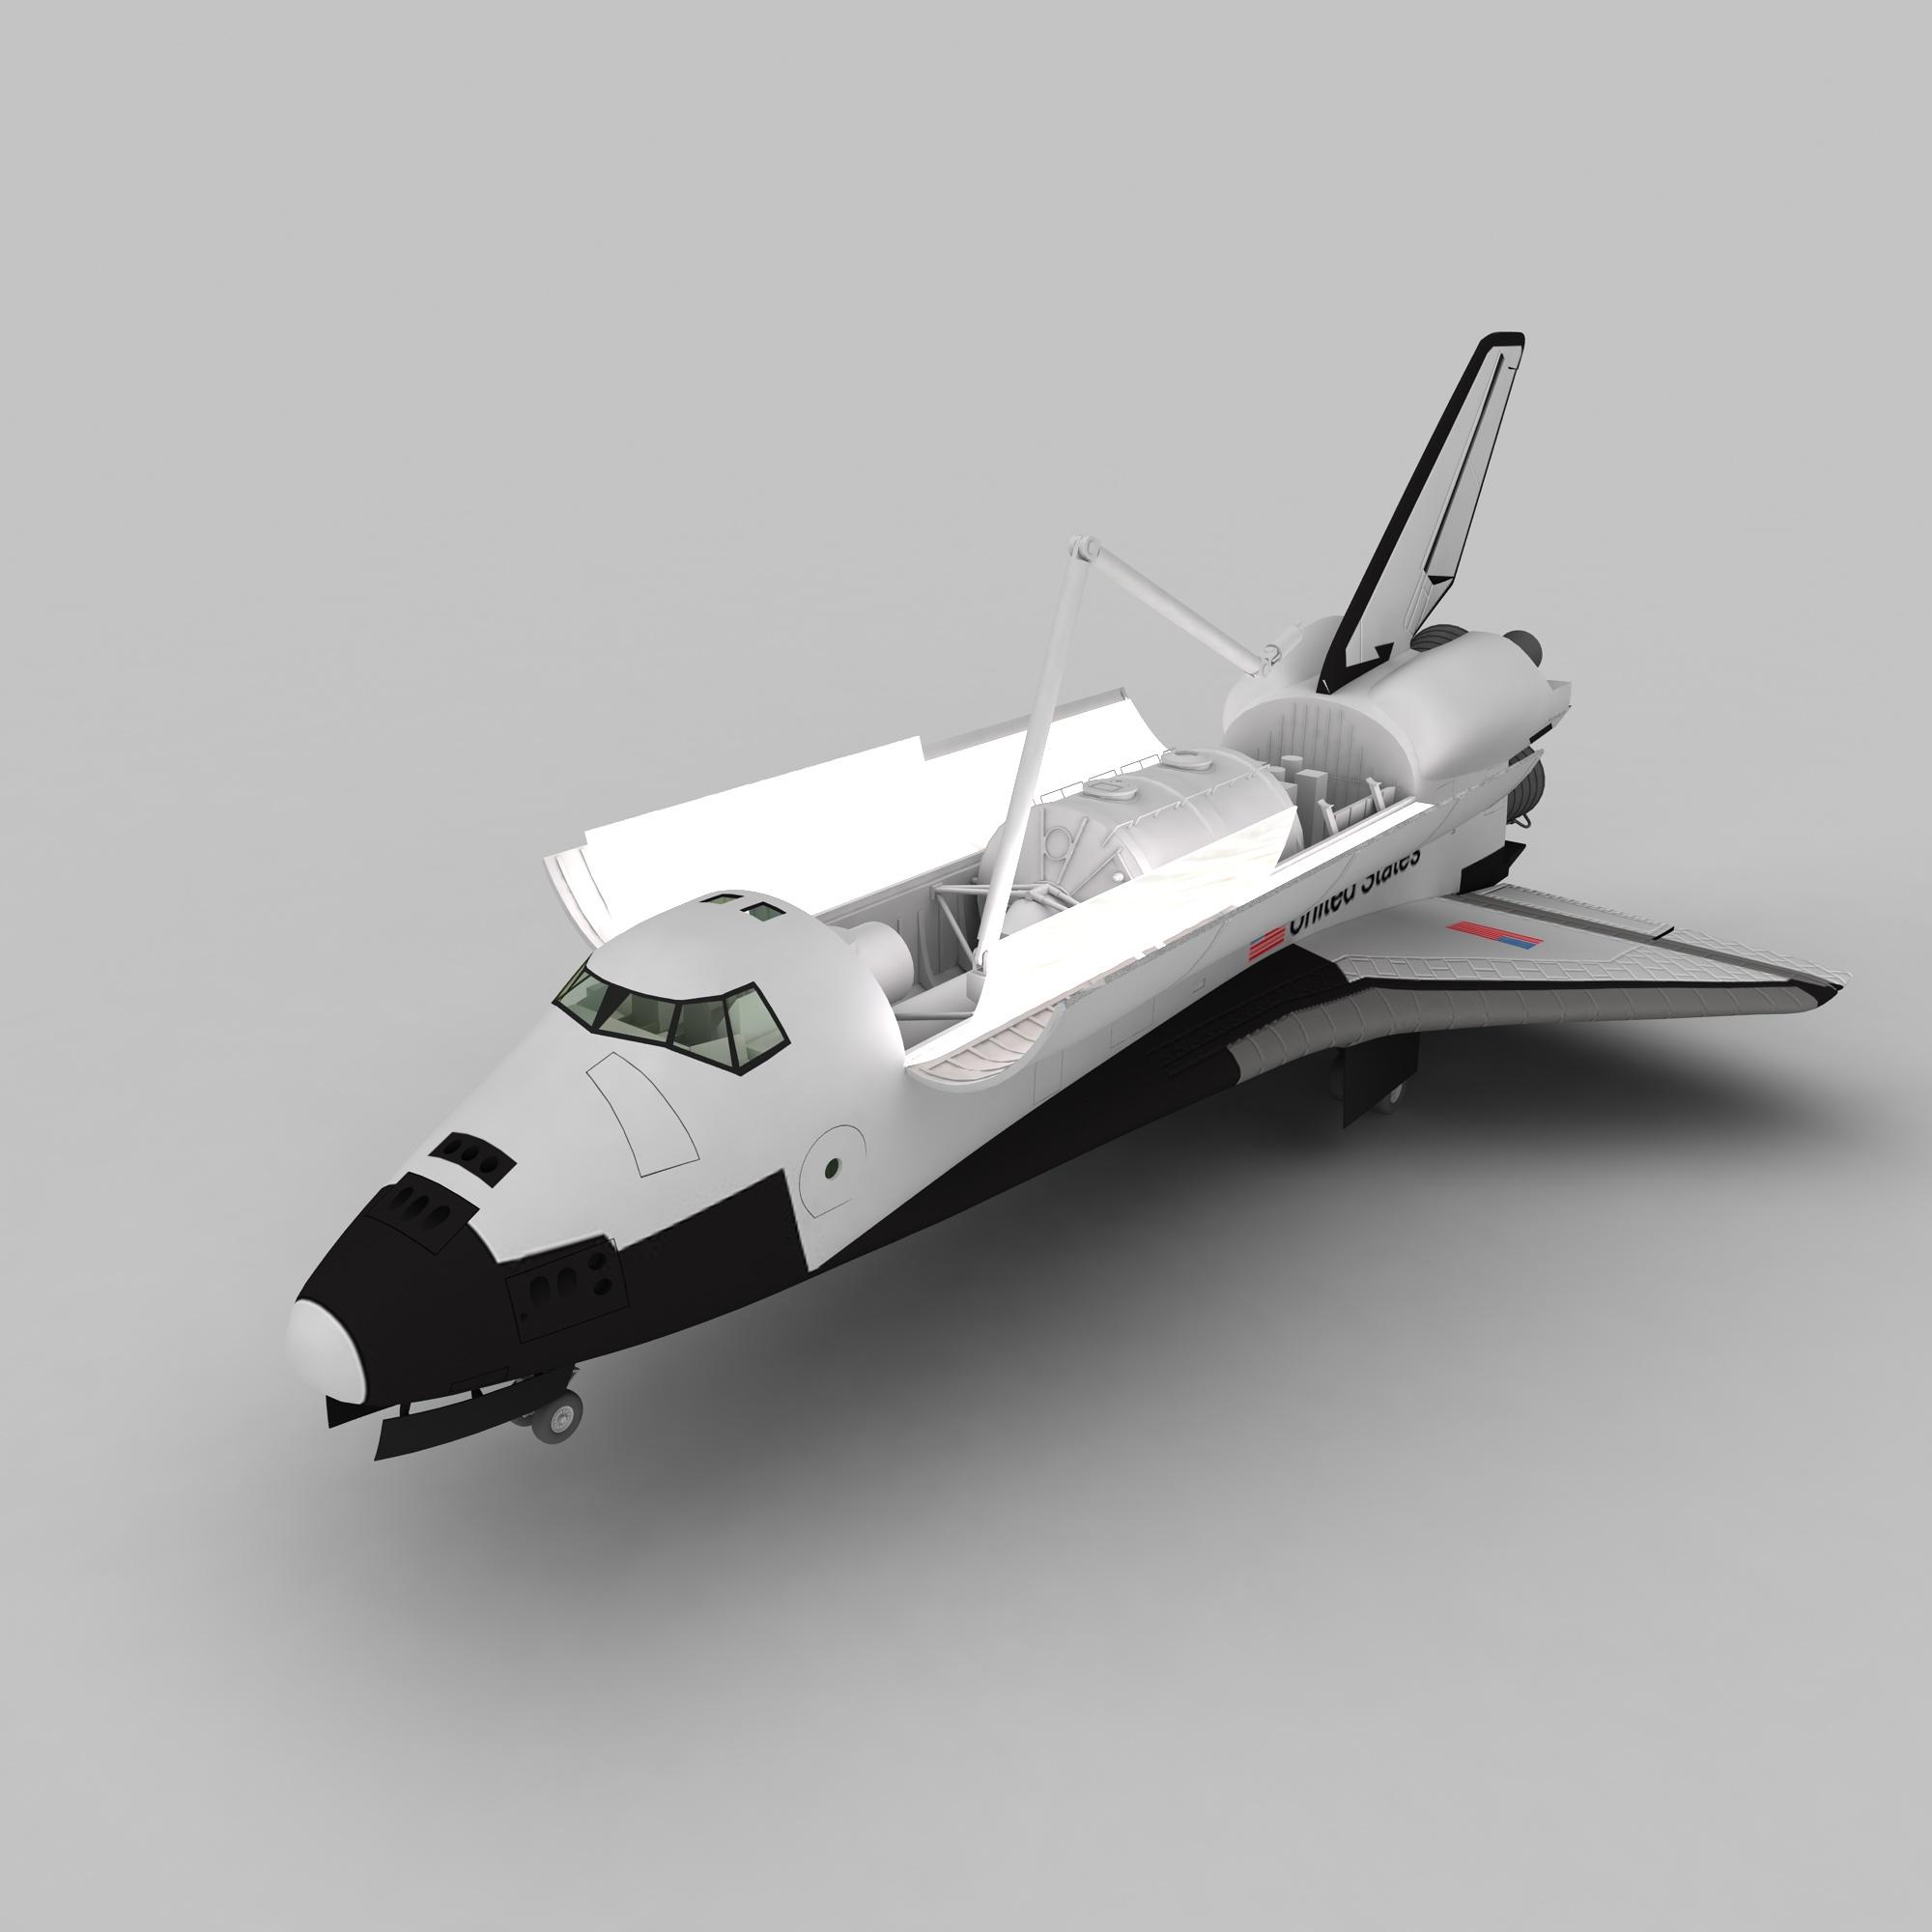 太空航天飞机模型,太空航天飞机模型下载